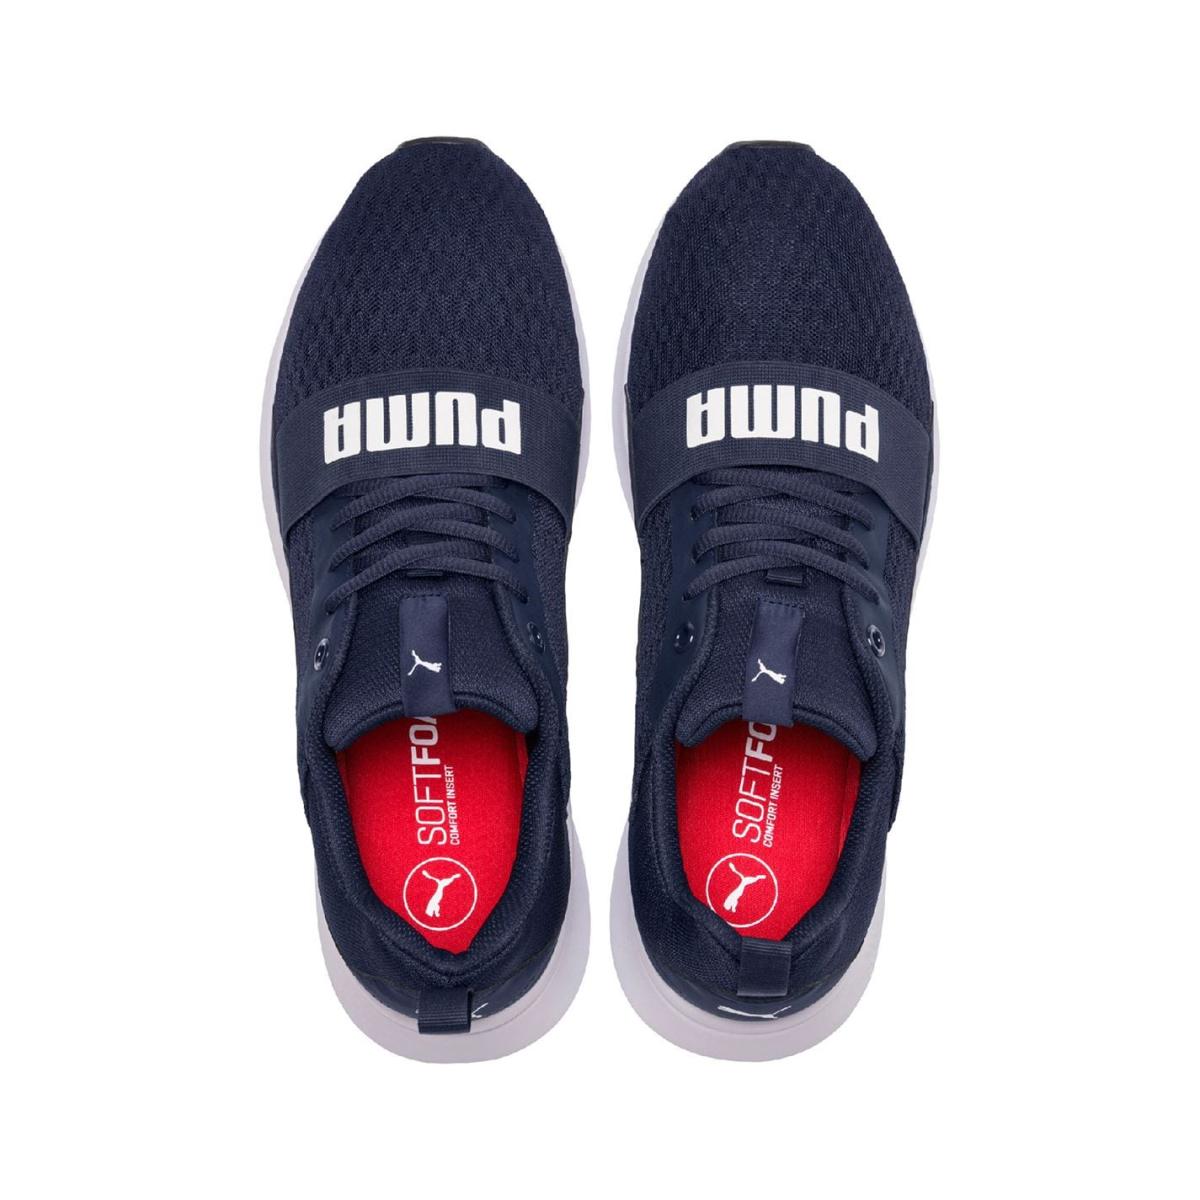 Puma-Wired-senores-zapatillas-de-deporte-zapatillas-para-correr-cortos-calzado-deportivo-fitness miniatura 13